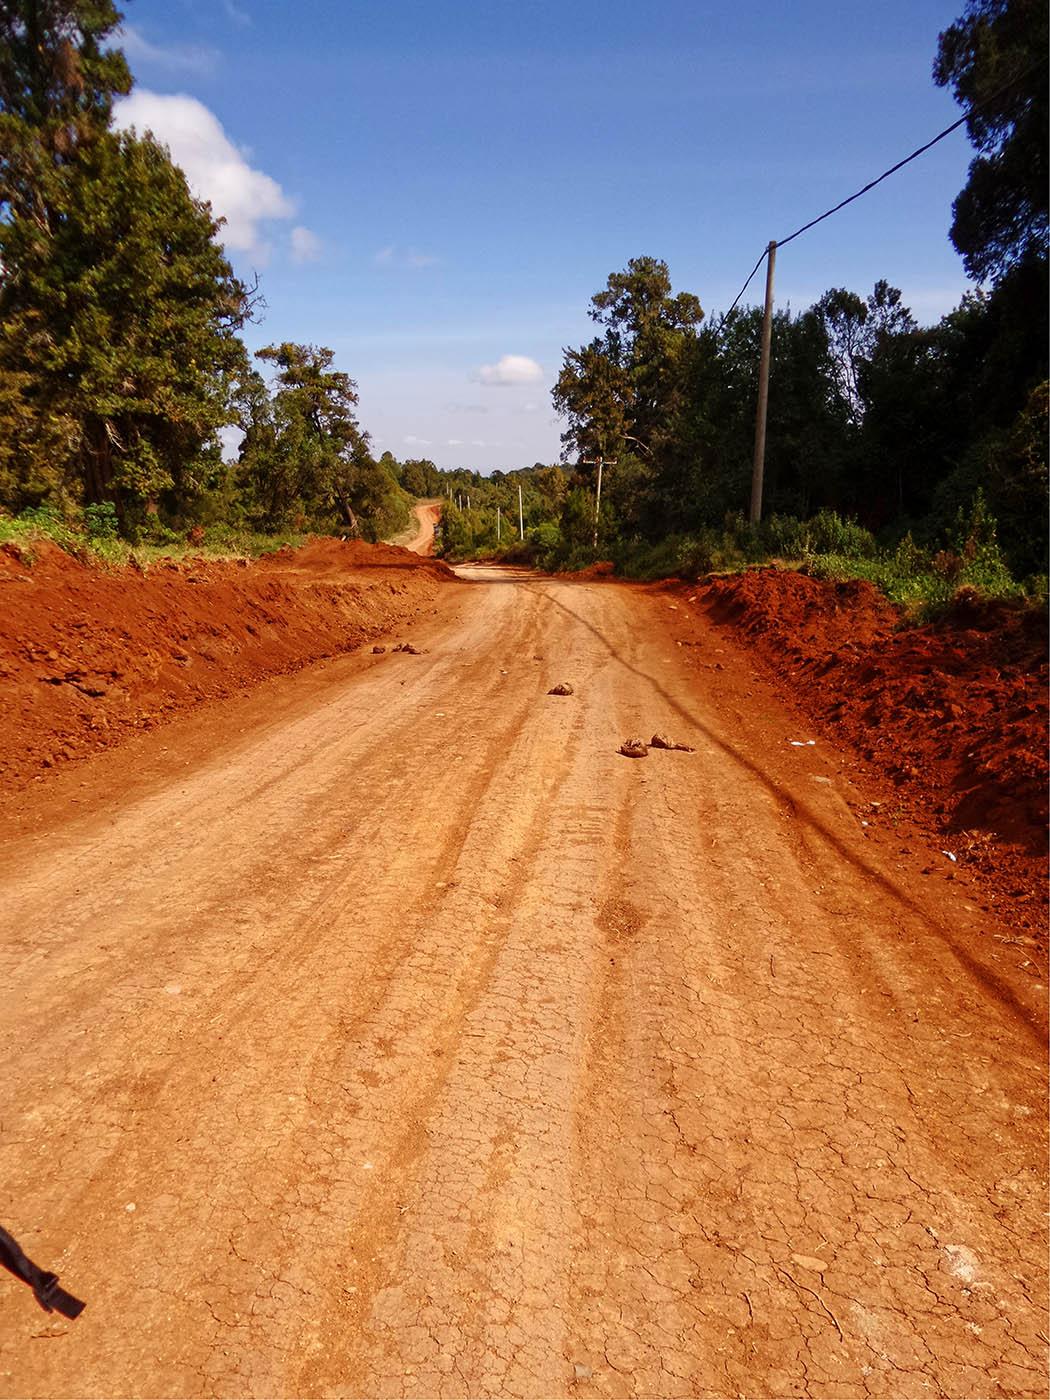 Mount Kenya_Nanyuki route